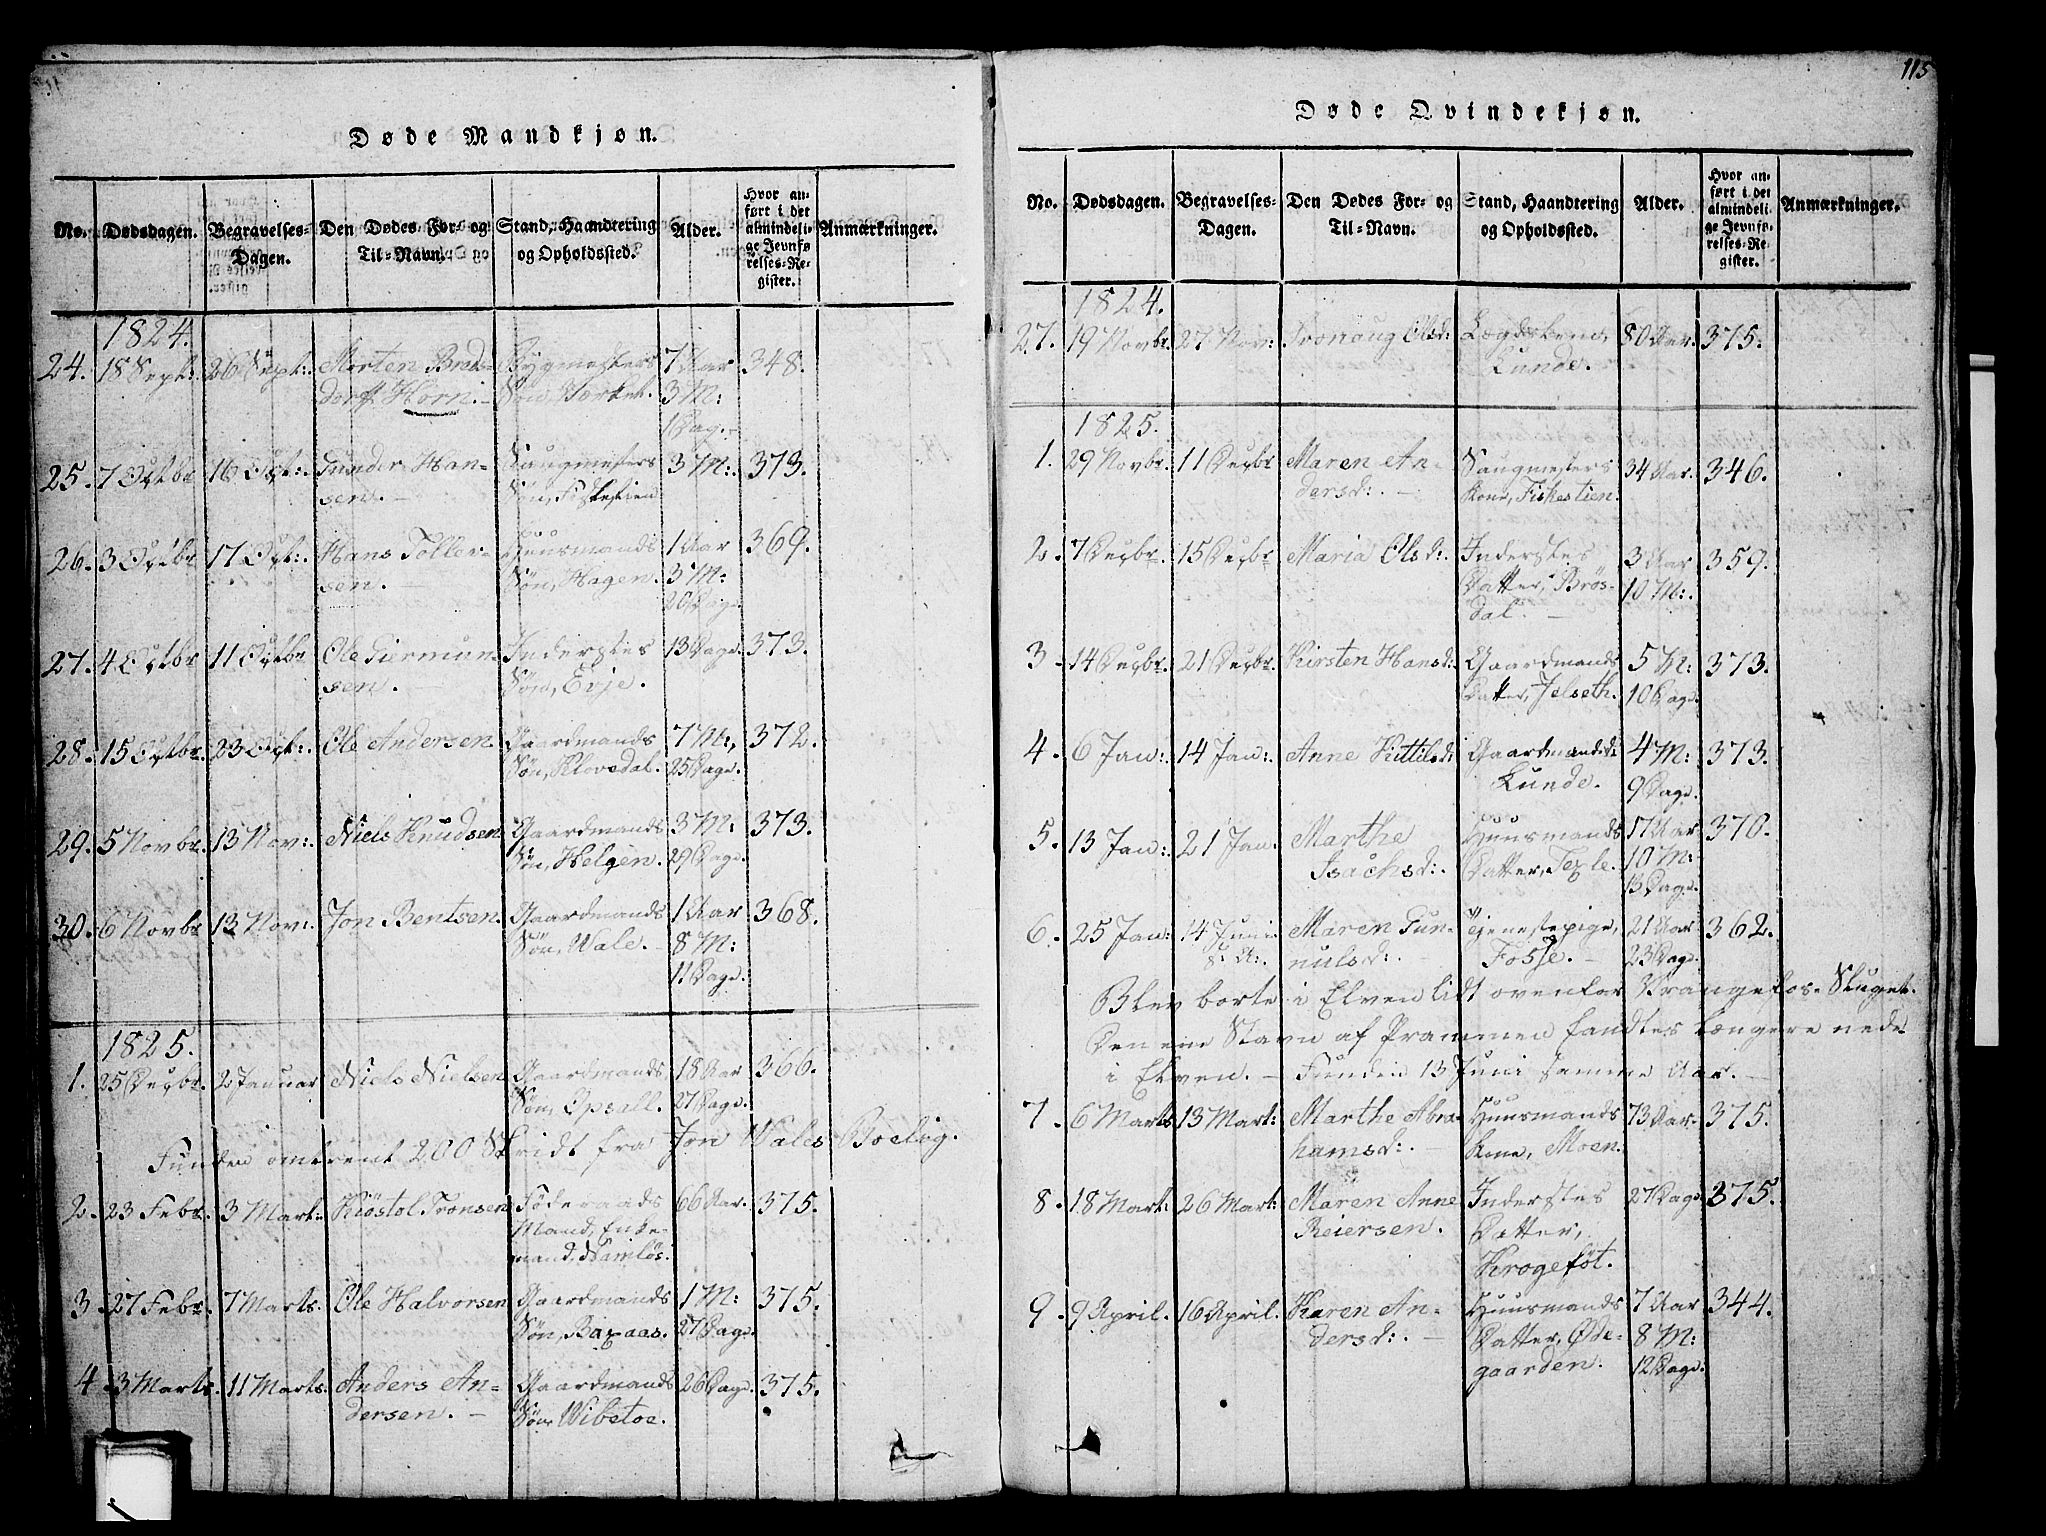 SAKO, Holla kirkebøker, G/Ga/L0001: Klokkerbok nr. I 1, 1814-1830, s. 115